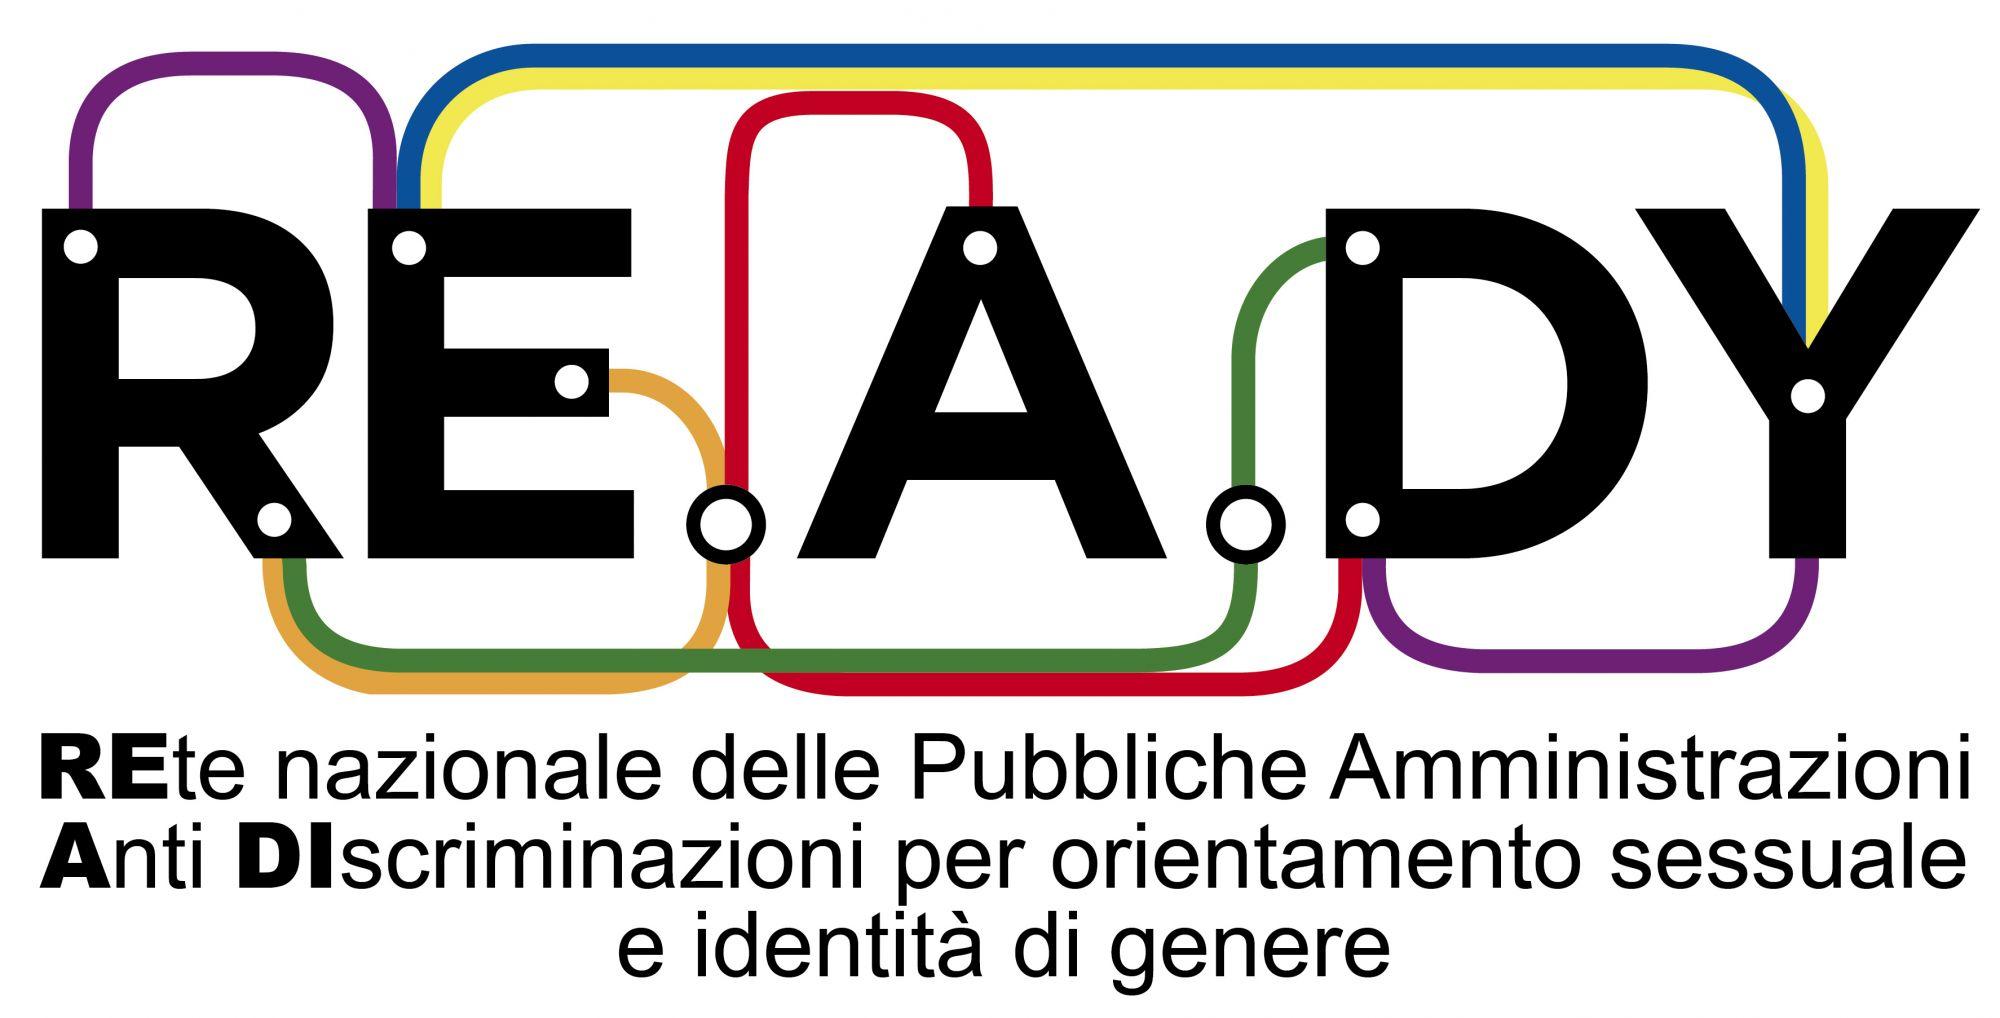 Anche la Toscana contro l'omofobia